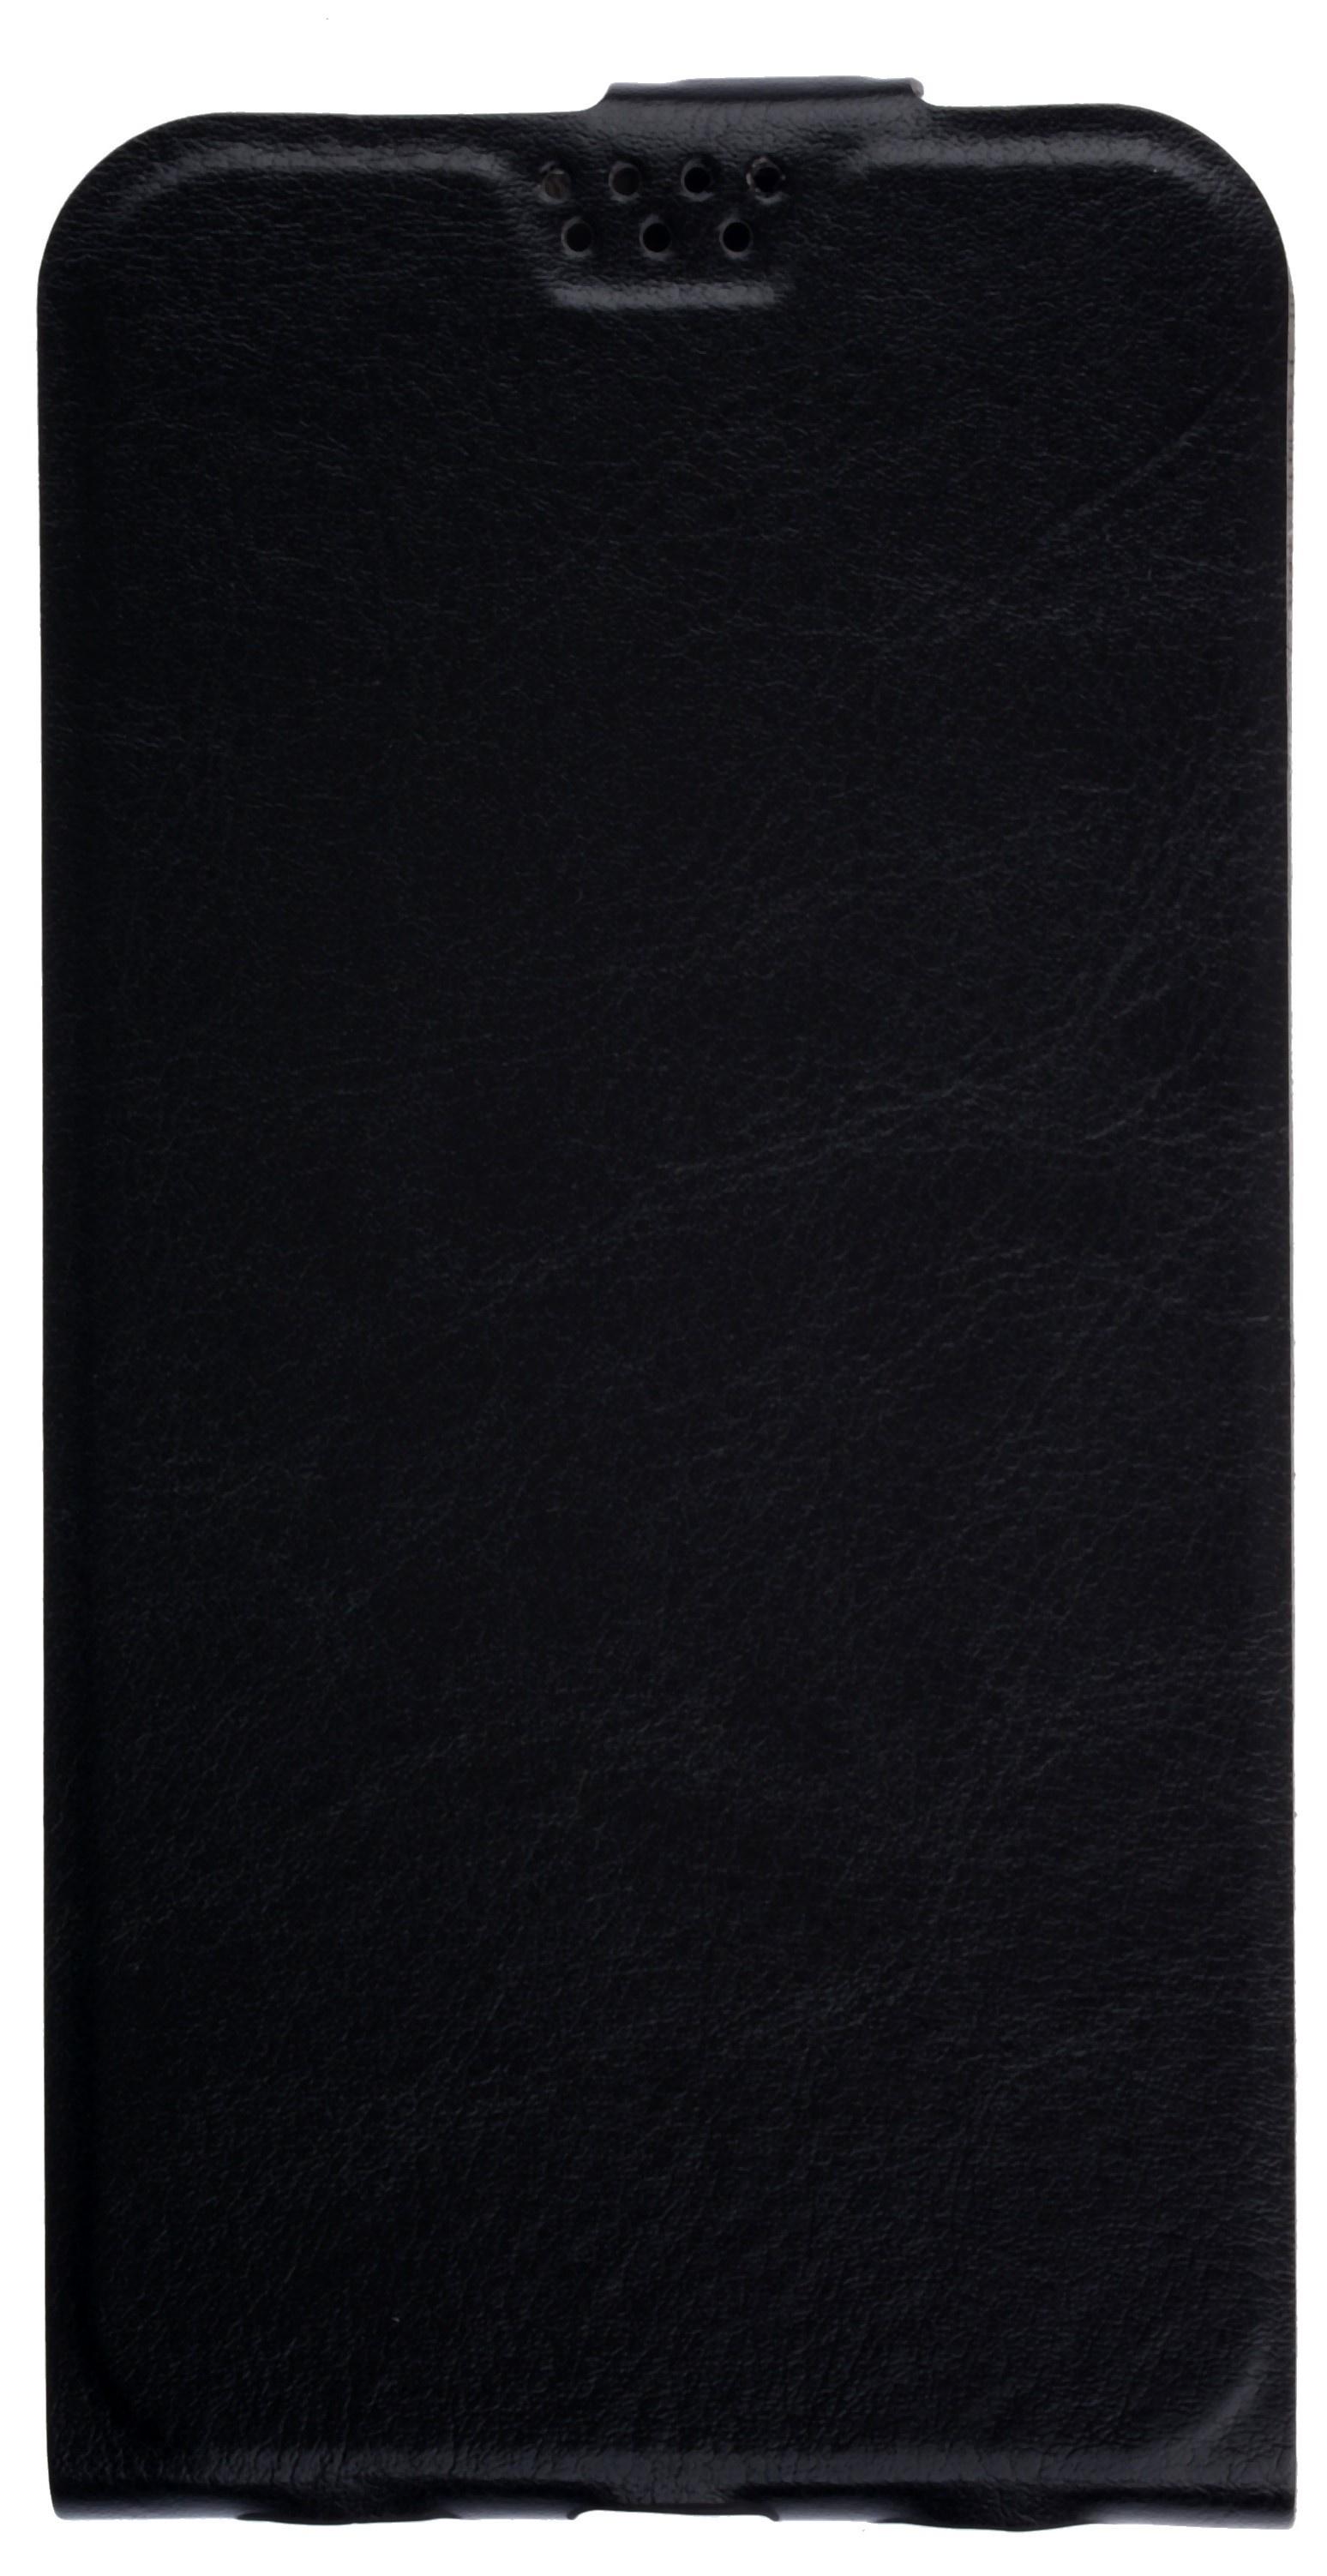 Чехол для сотового телефона skinBOX Flip slim, 4630042529618, черный стоимость